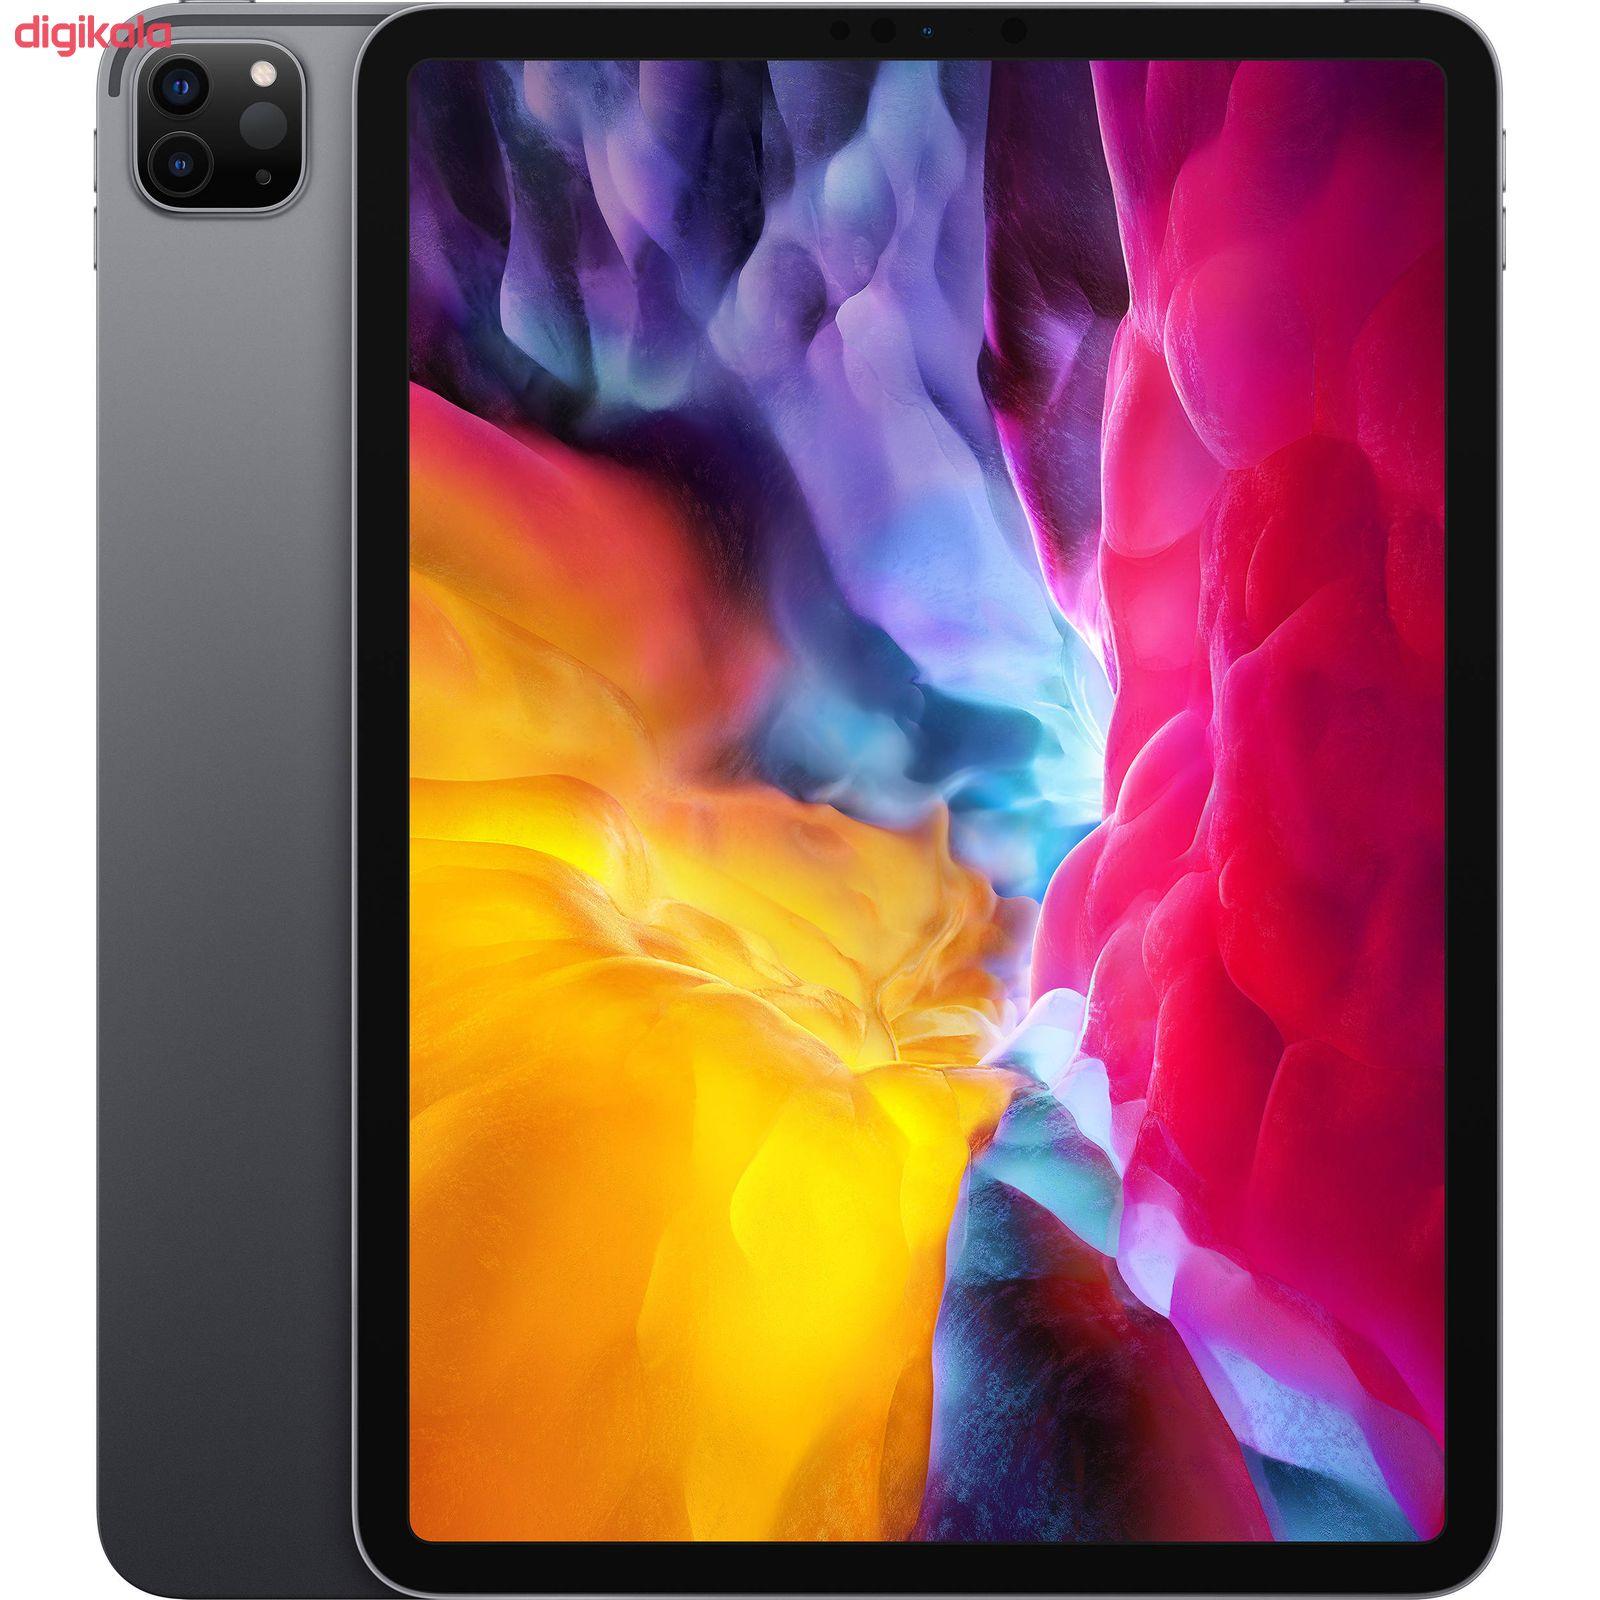 تبلت اپل مدل iPad Pro 11 inch 2020 4G ظرفیت 128 گیگابایت  main 1 7